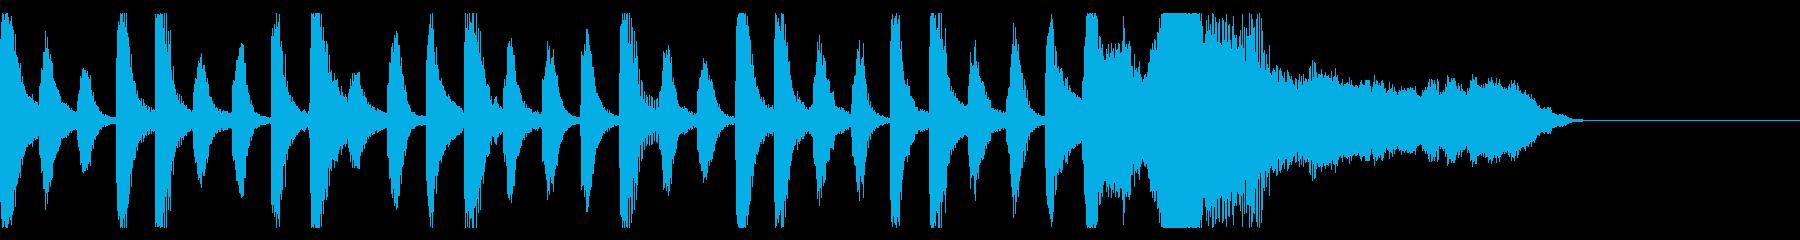 ピアノとバイオリンの愛らしいジングルの再生済みの波形